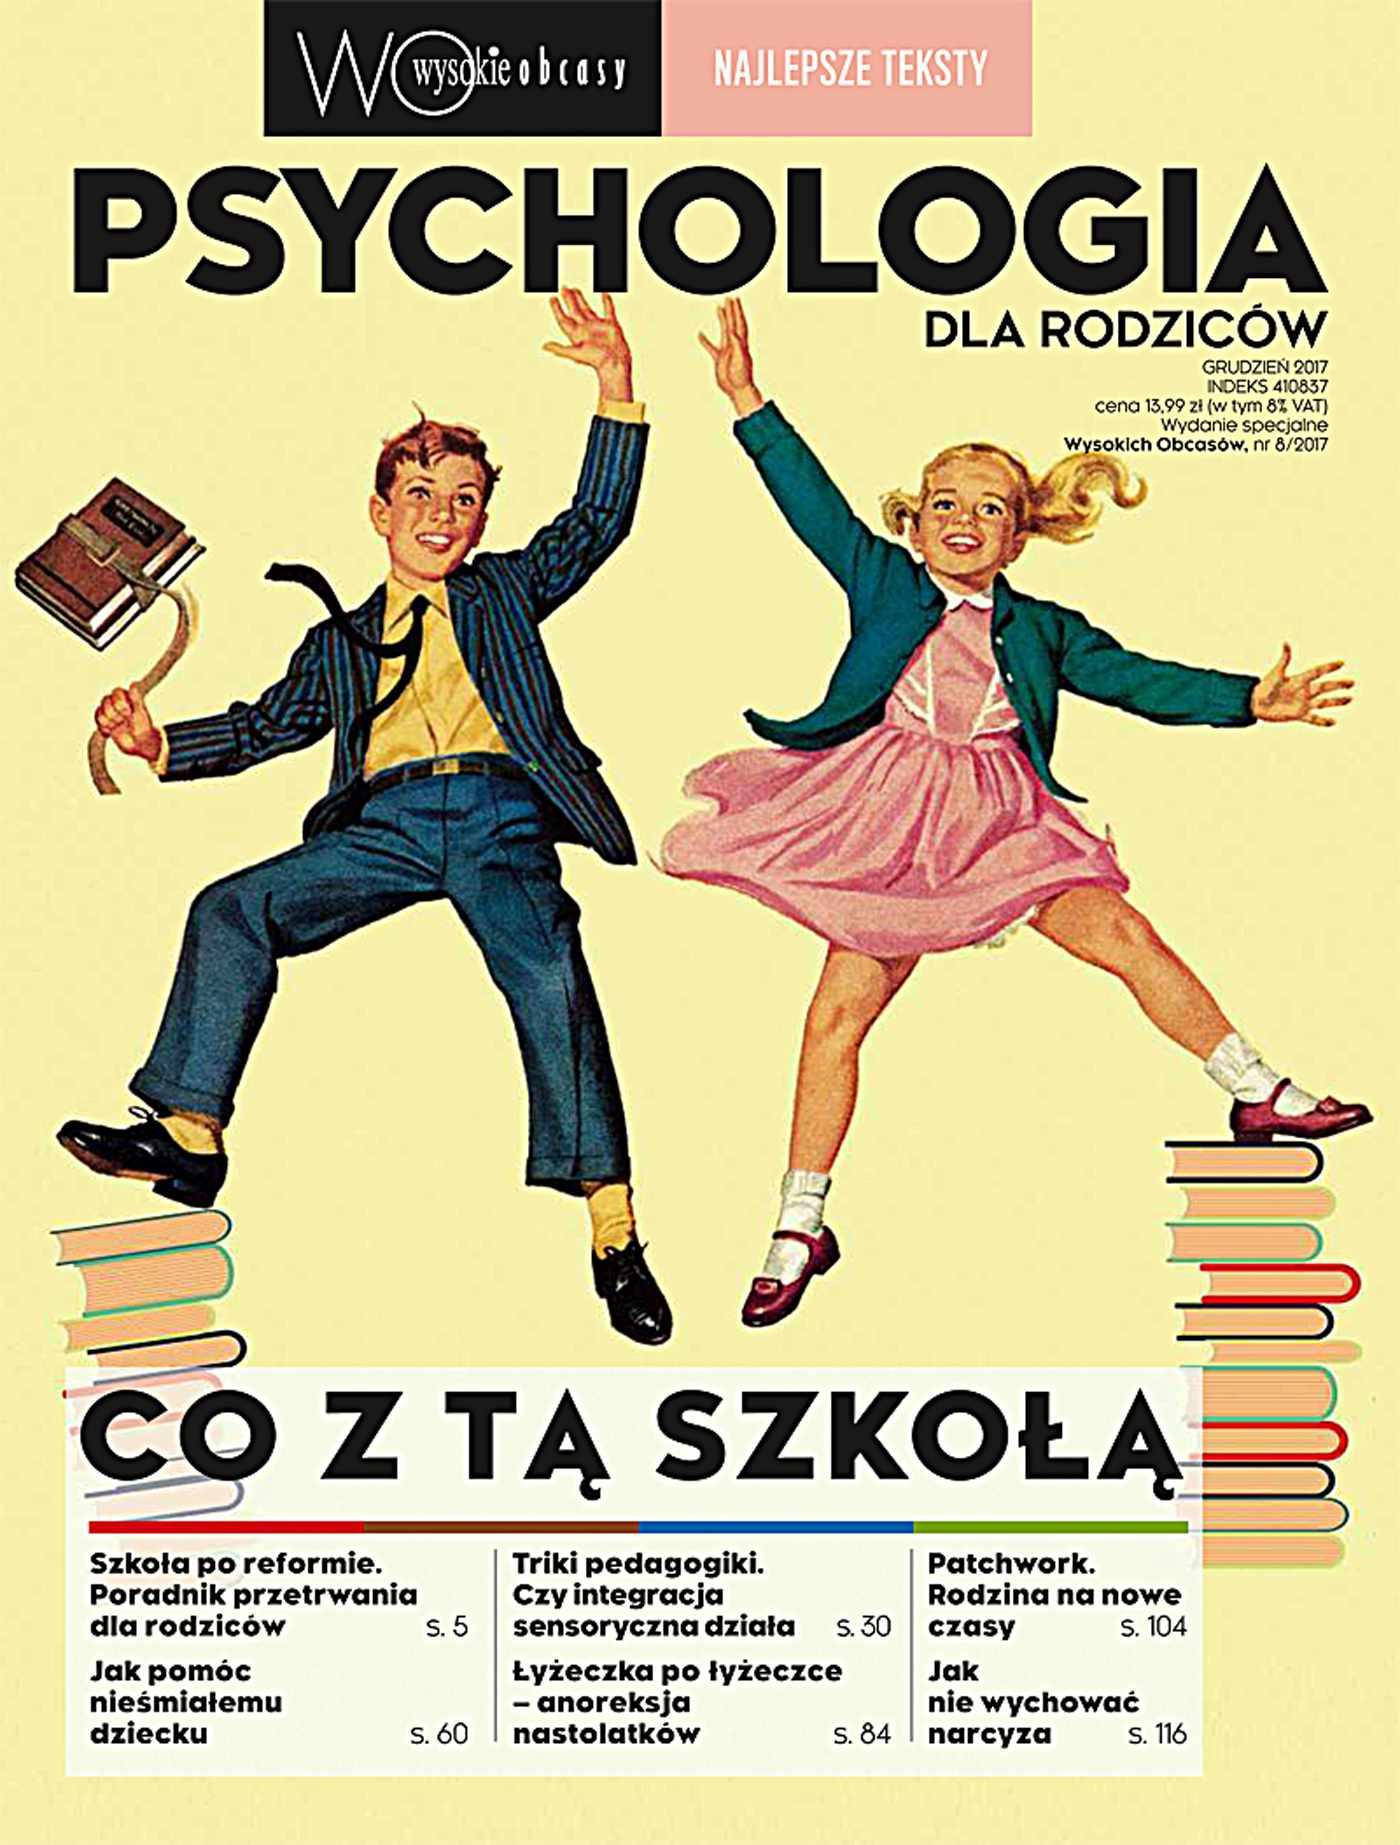 Psychologia dla rodziców 8/2017. Wysokie Obcasy. Wydanie specjalne - Ebook (Książka EPUB) do pobrania w formacie EPUB